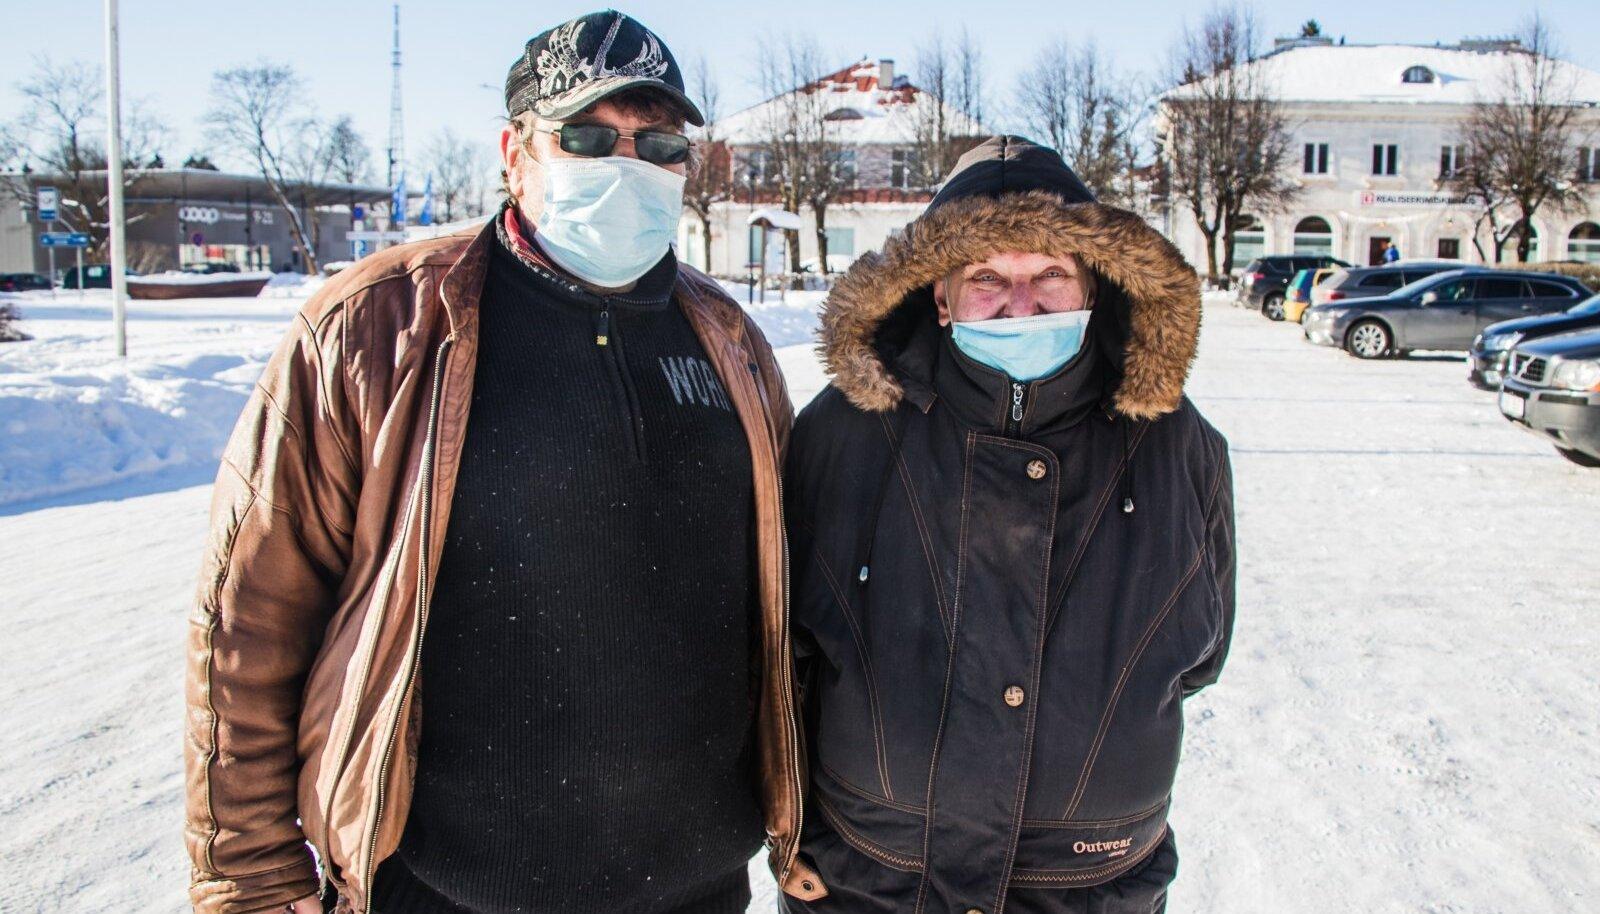 Õili ja Janek ütlevad, et Kõrkvere päevakeskuse külastusajapiirang on absurdne, ja on läinud kohtusse õigust nõudma.